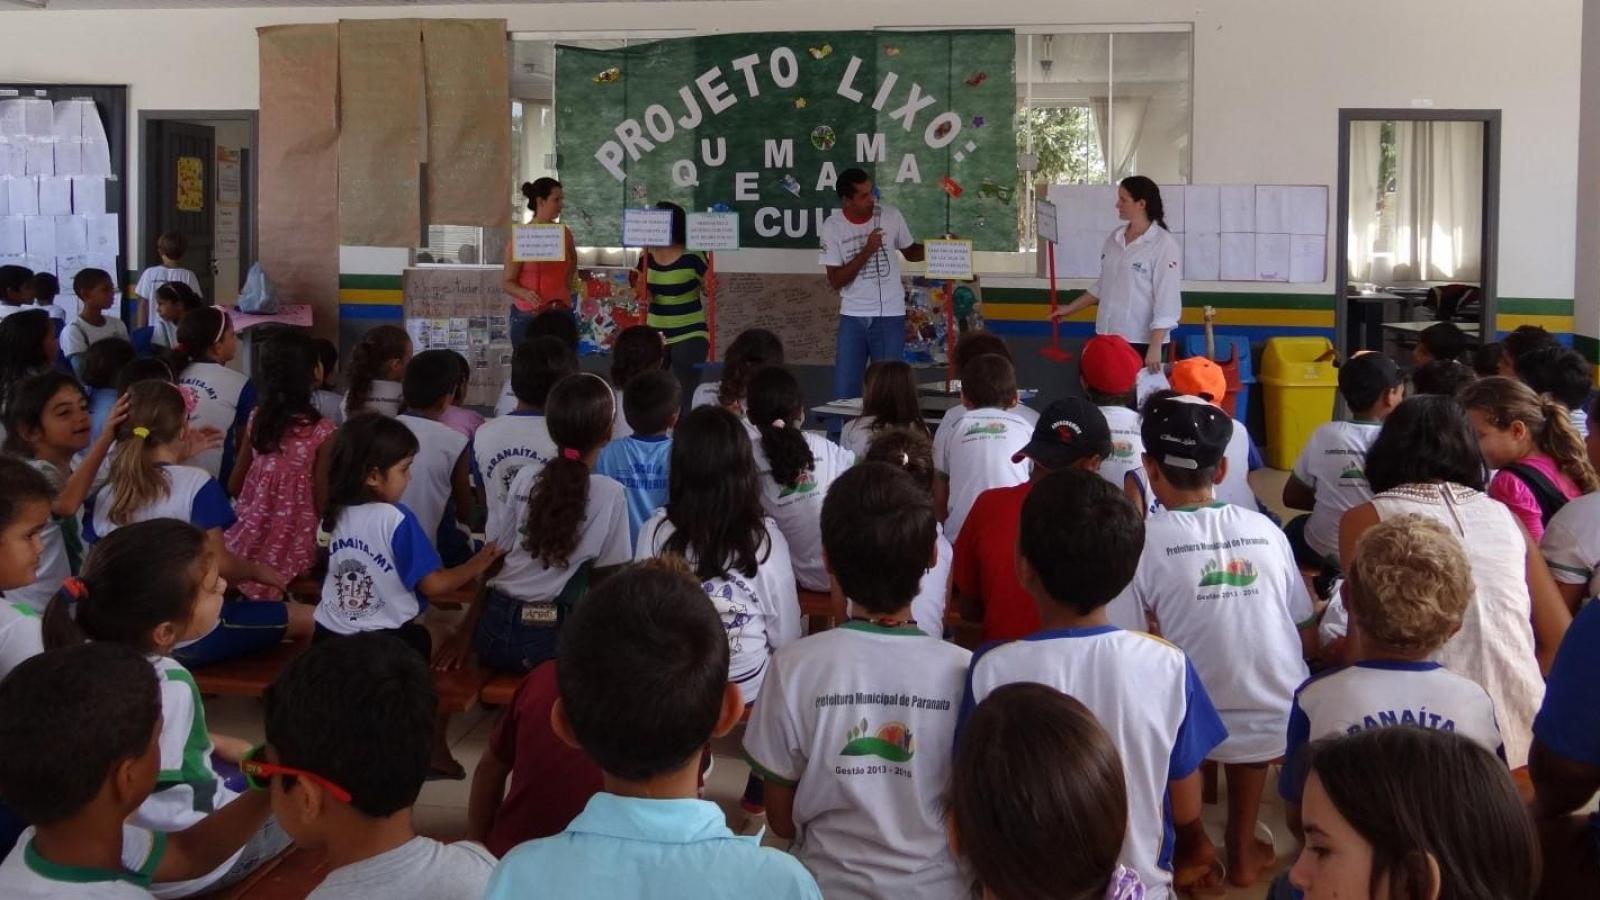 Campanha sobre o lixo apresenta resultados positivos em Paranaíta